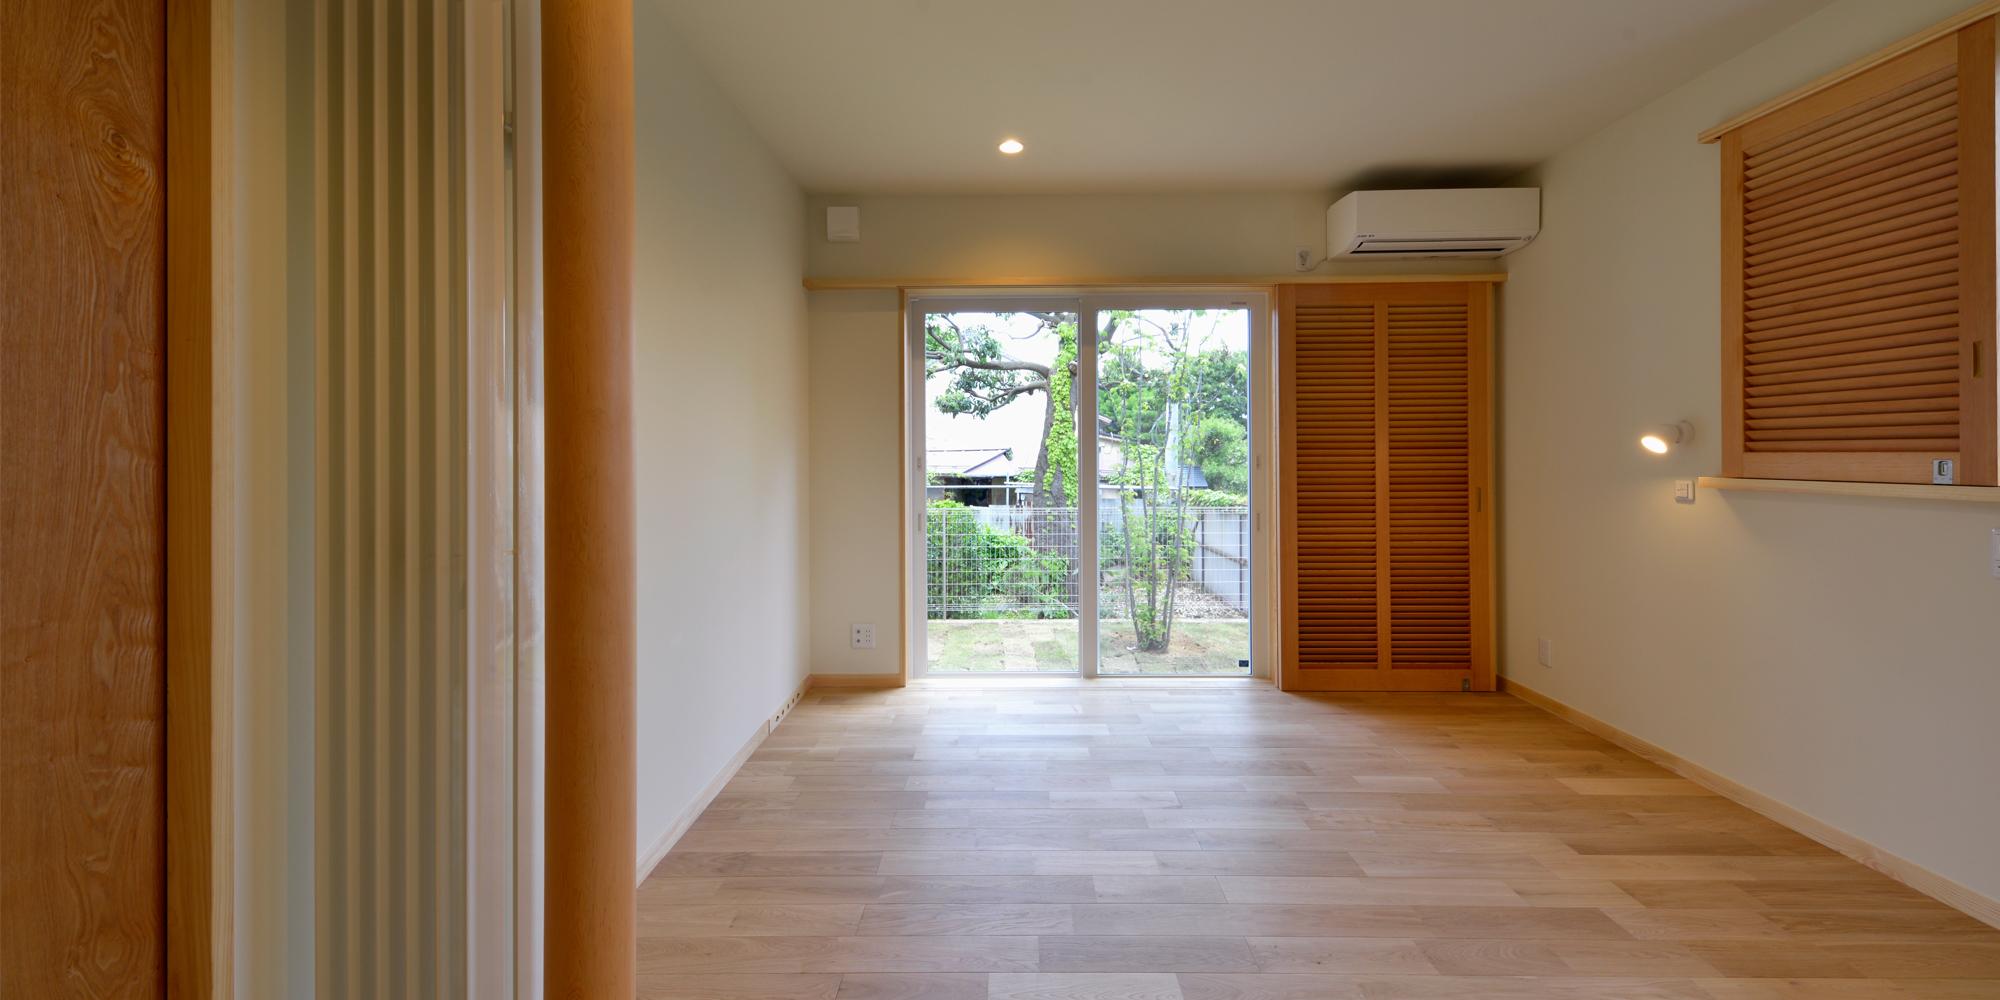 長野都市部に佇むコートハウス